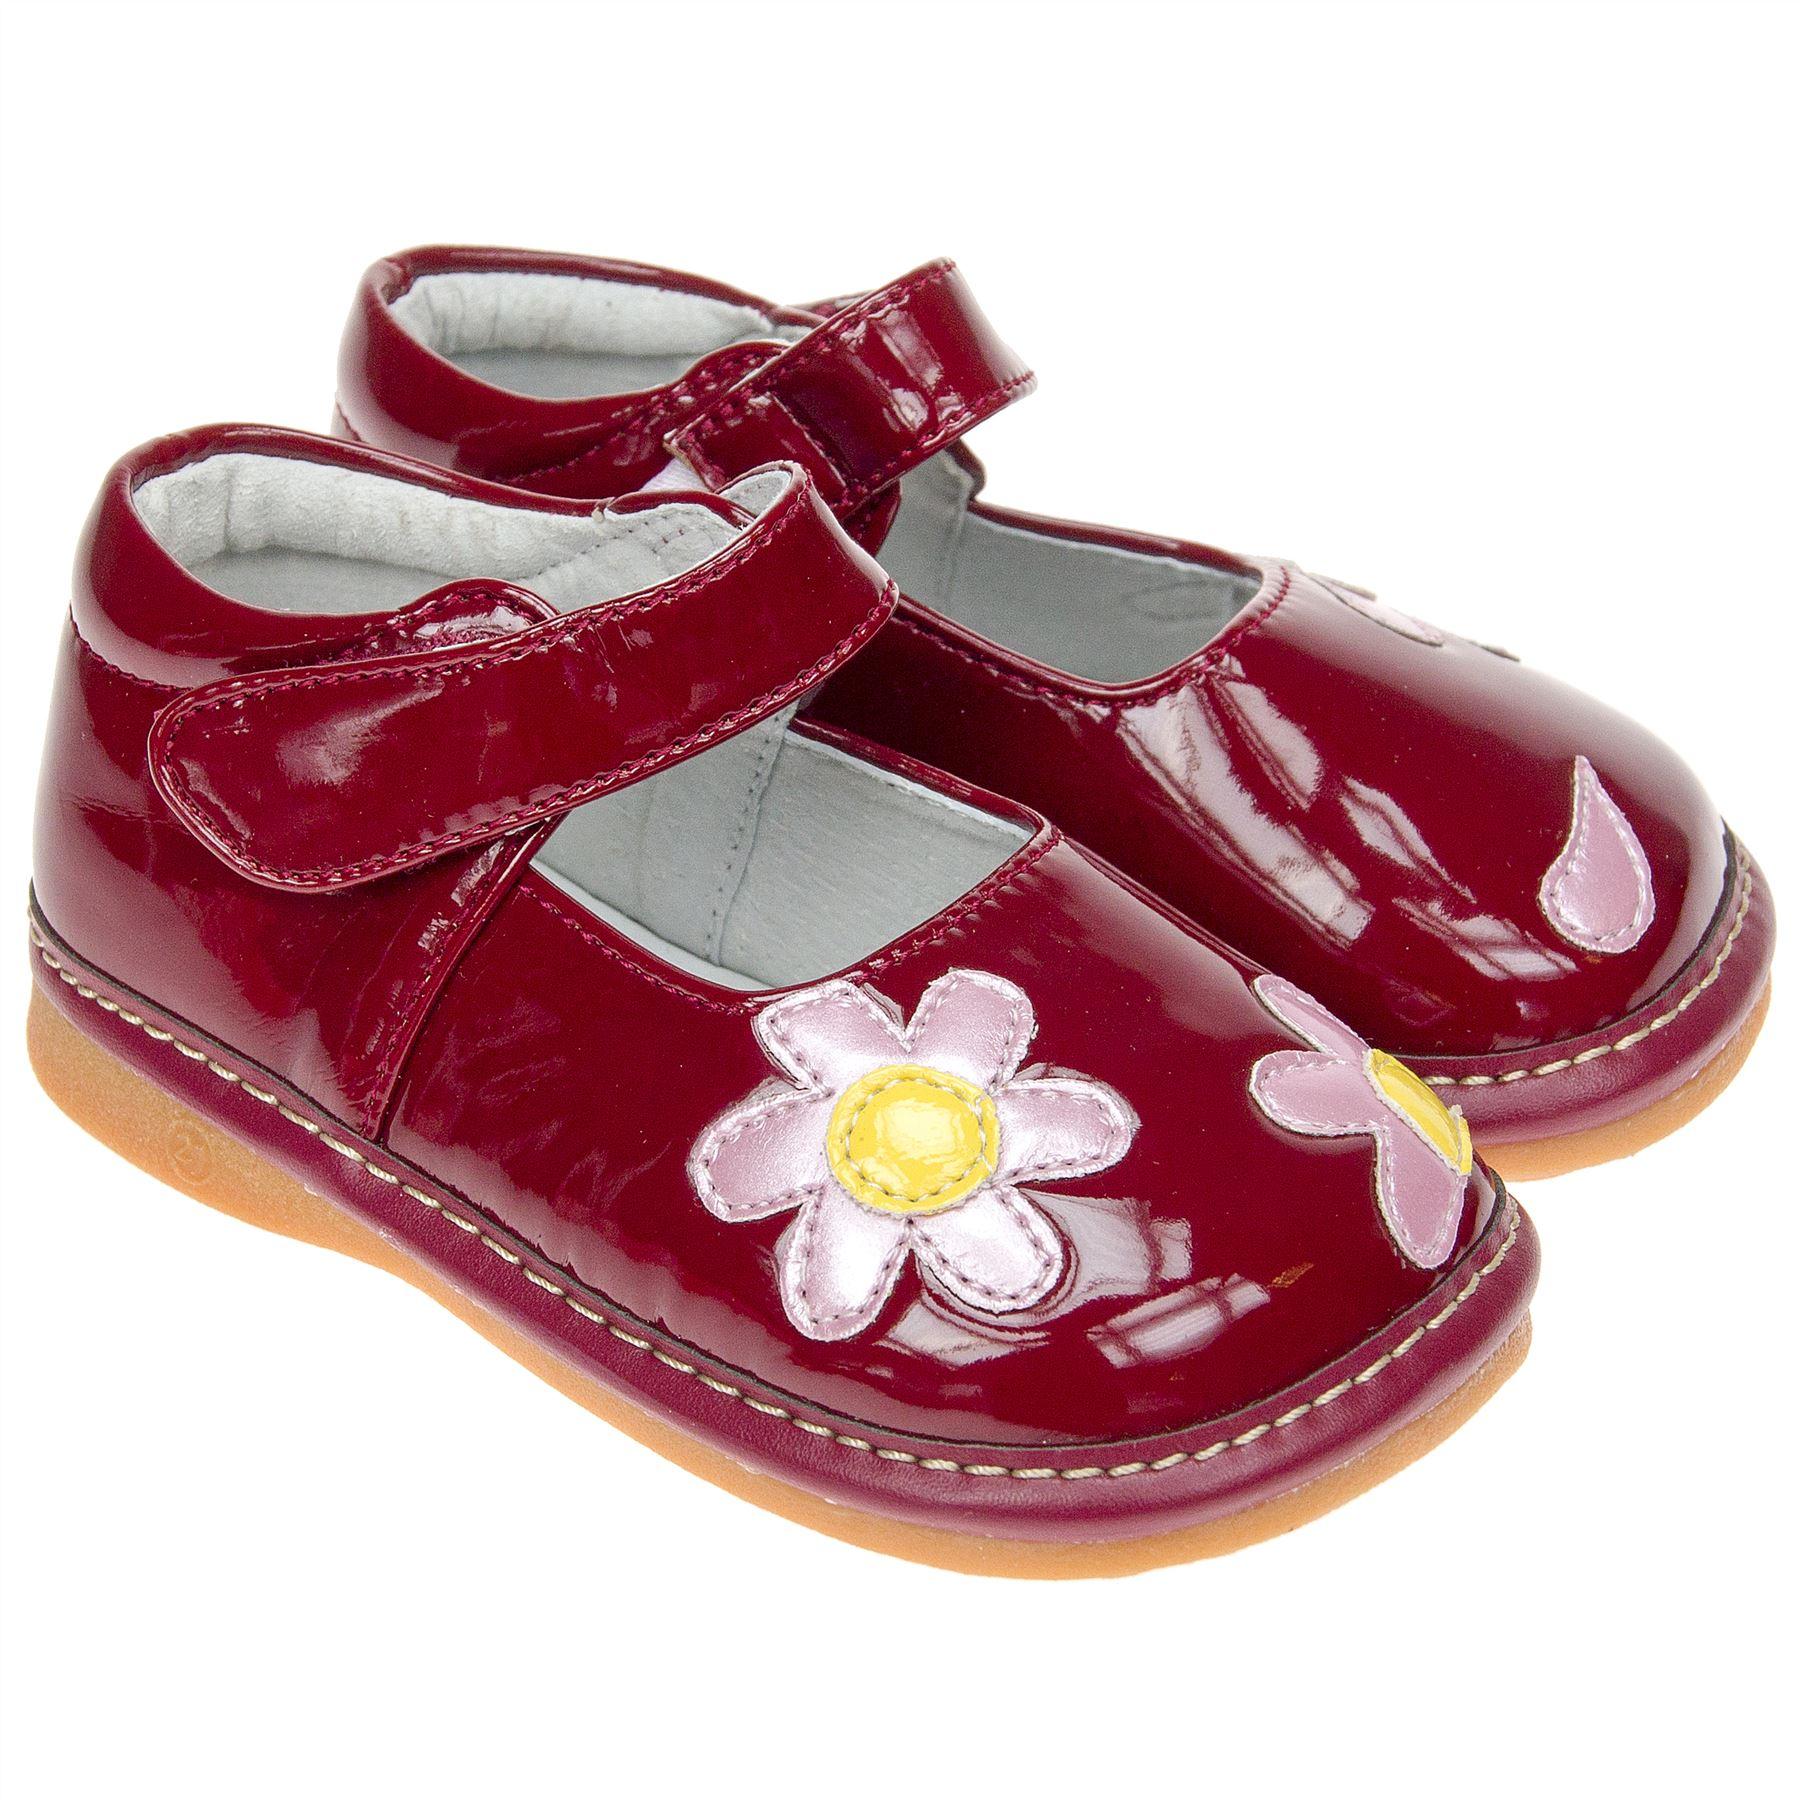 Zapatos chillones para ni a de piel sint tica de charol rojo horma ancha ebay - Charol zapateria ...